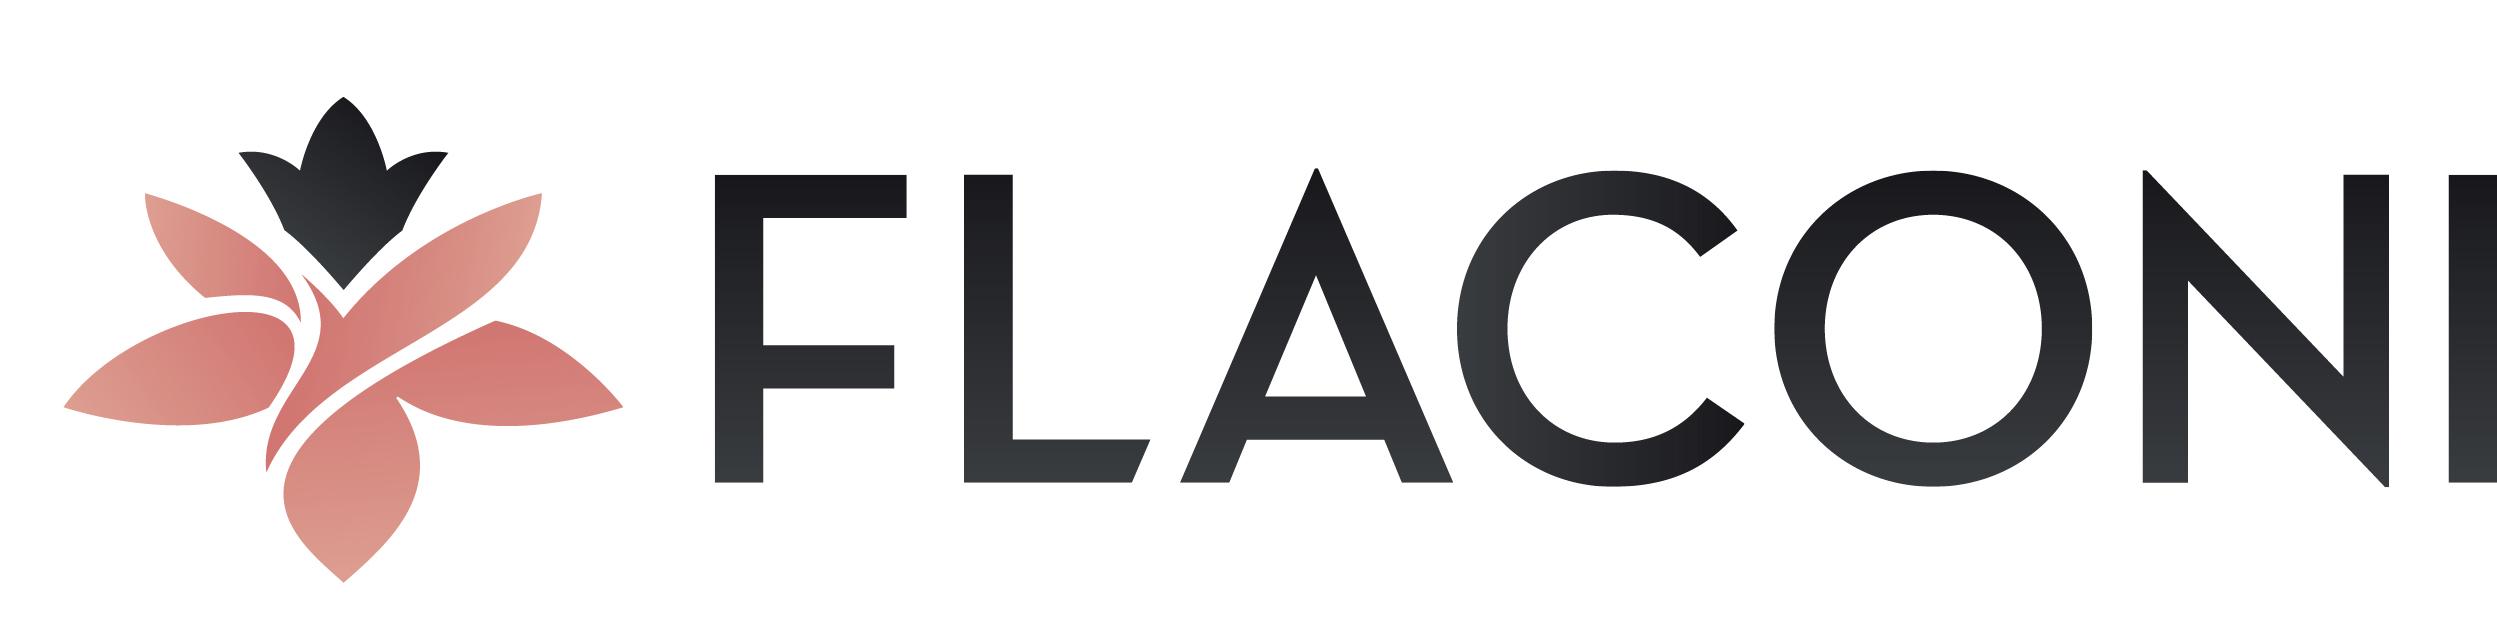 geschenke finden flaconi launcht cleveren geschenkfinder pressemeldung vom. Black Bedroom Furniture Sets. Home Design Ideas